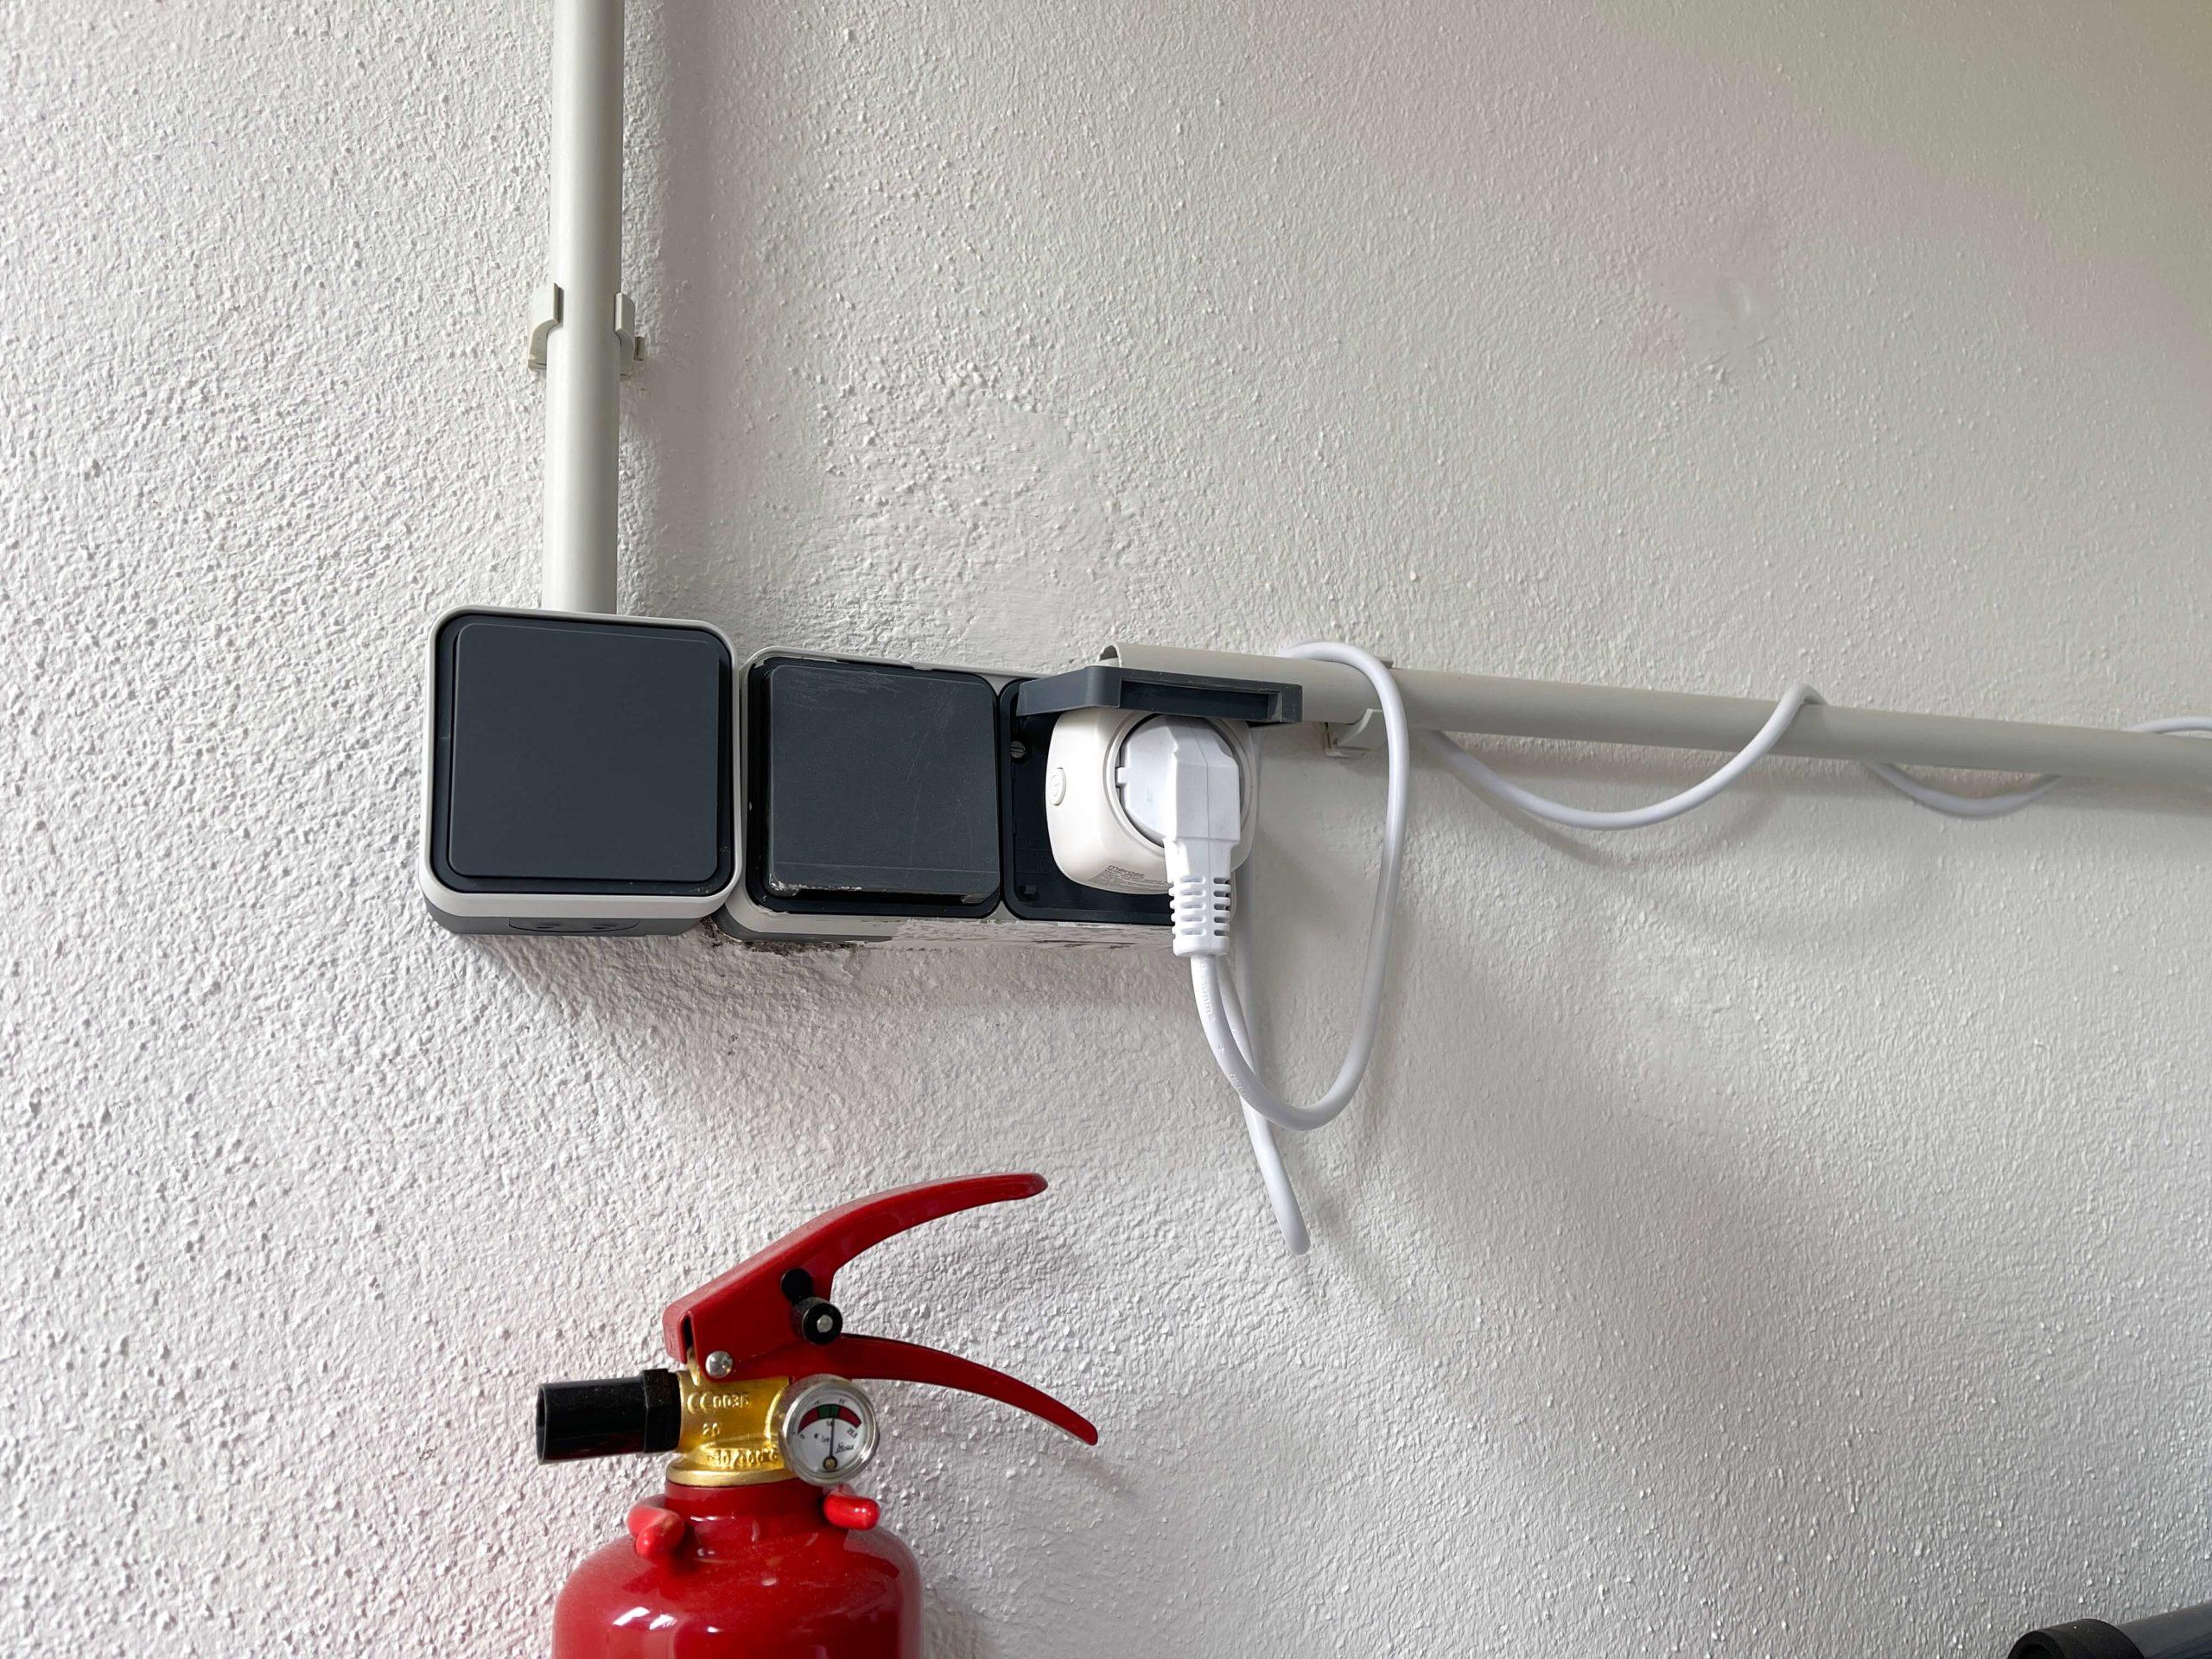 Mini-Zwischenstecker-mit-Apple-HomeKit-von-Meross-klein-und-fein1-scaled Mini Zwischenstecker mit Apple HomeKit von Meross - klein und fein